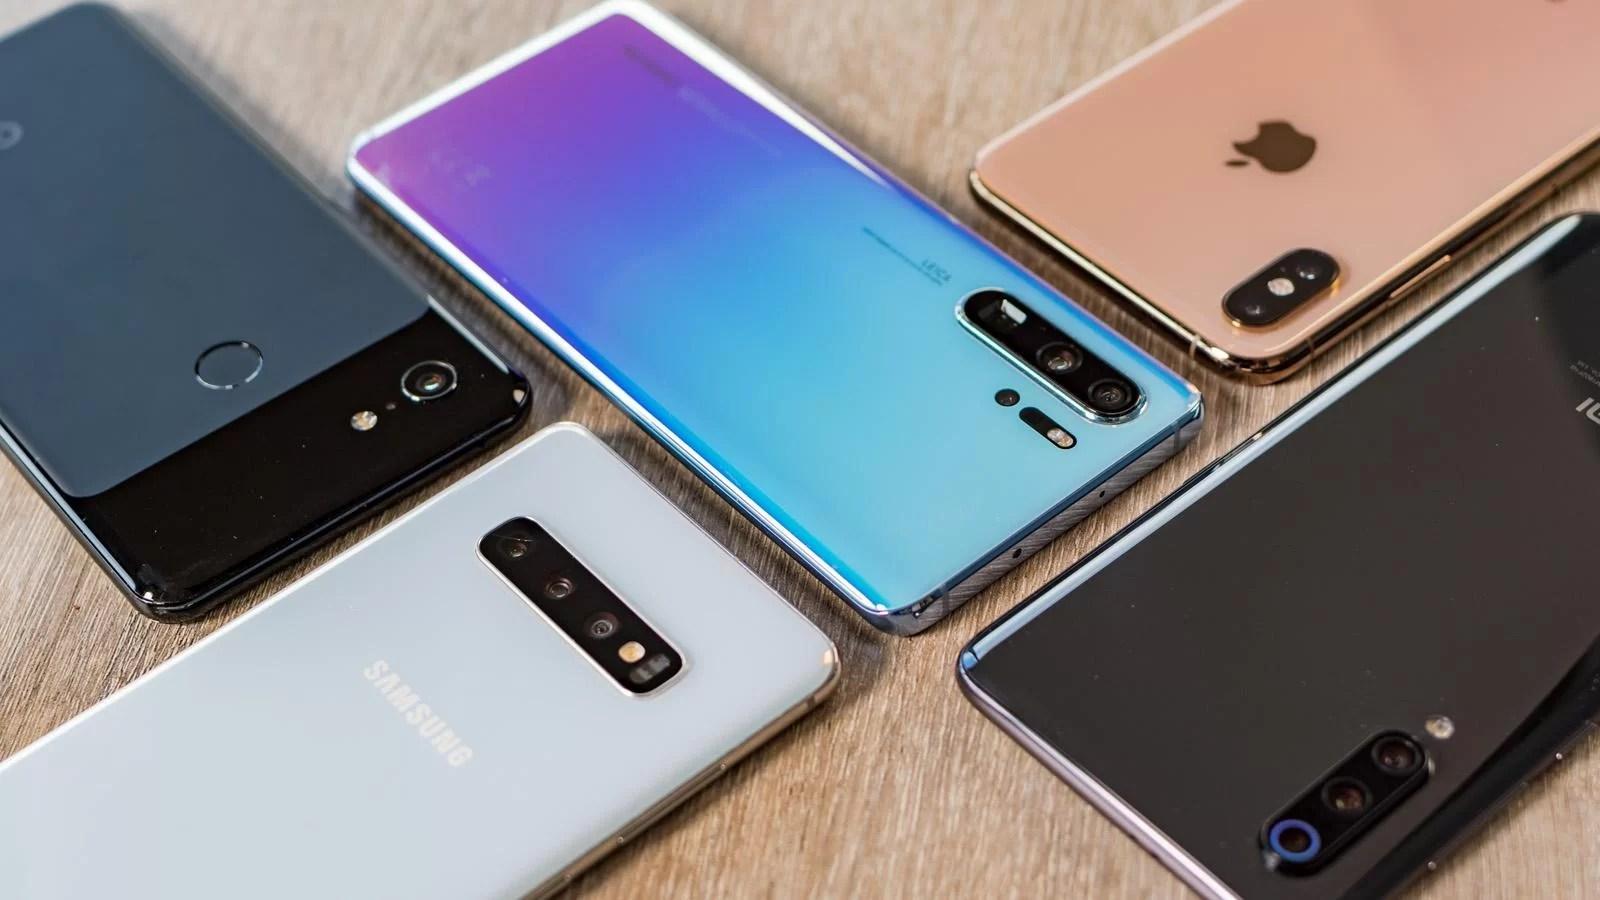 هذه هي أفضل الهواتف الذكية التي اختبرناها لك في أكتوبر 2019 موقع الشبكة